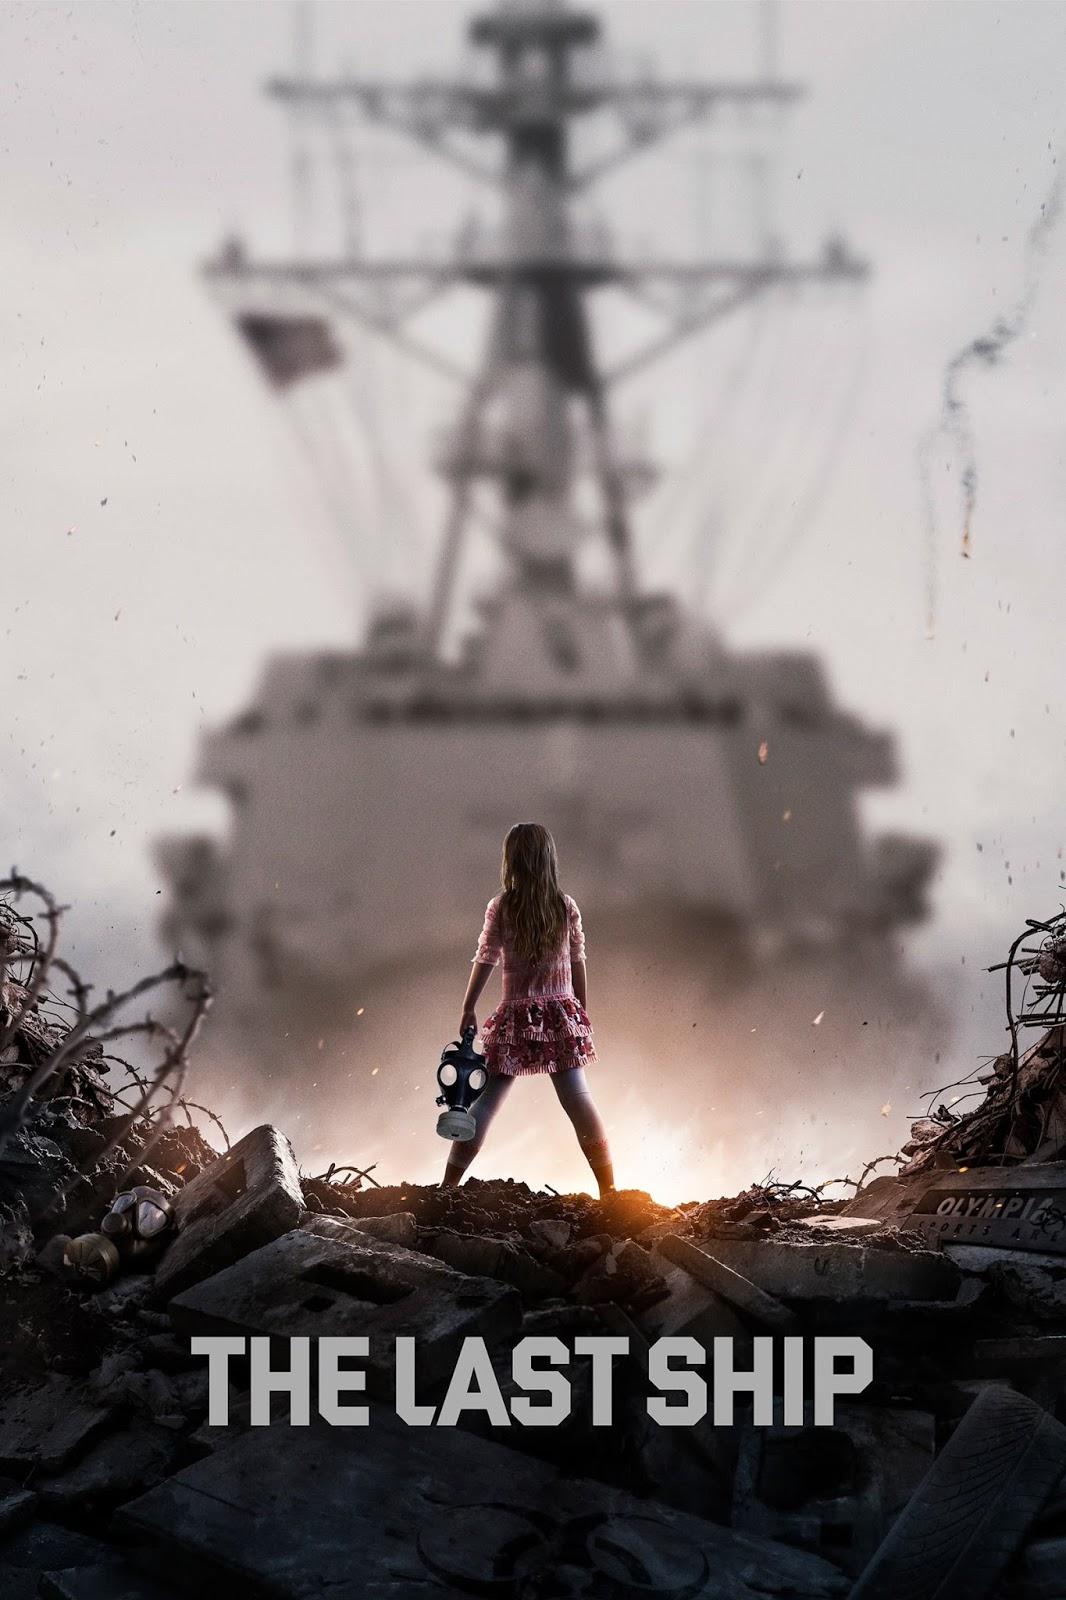 Chiến Hạm Cuối Cùng Phần 2 - The Last Ship Season 2 (2015)